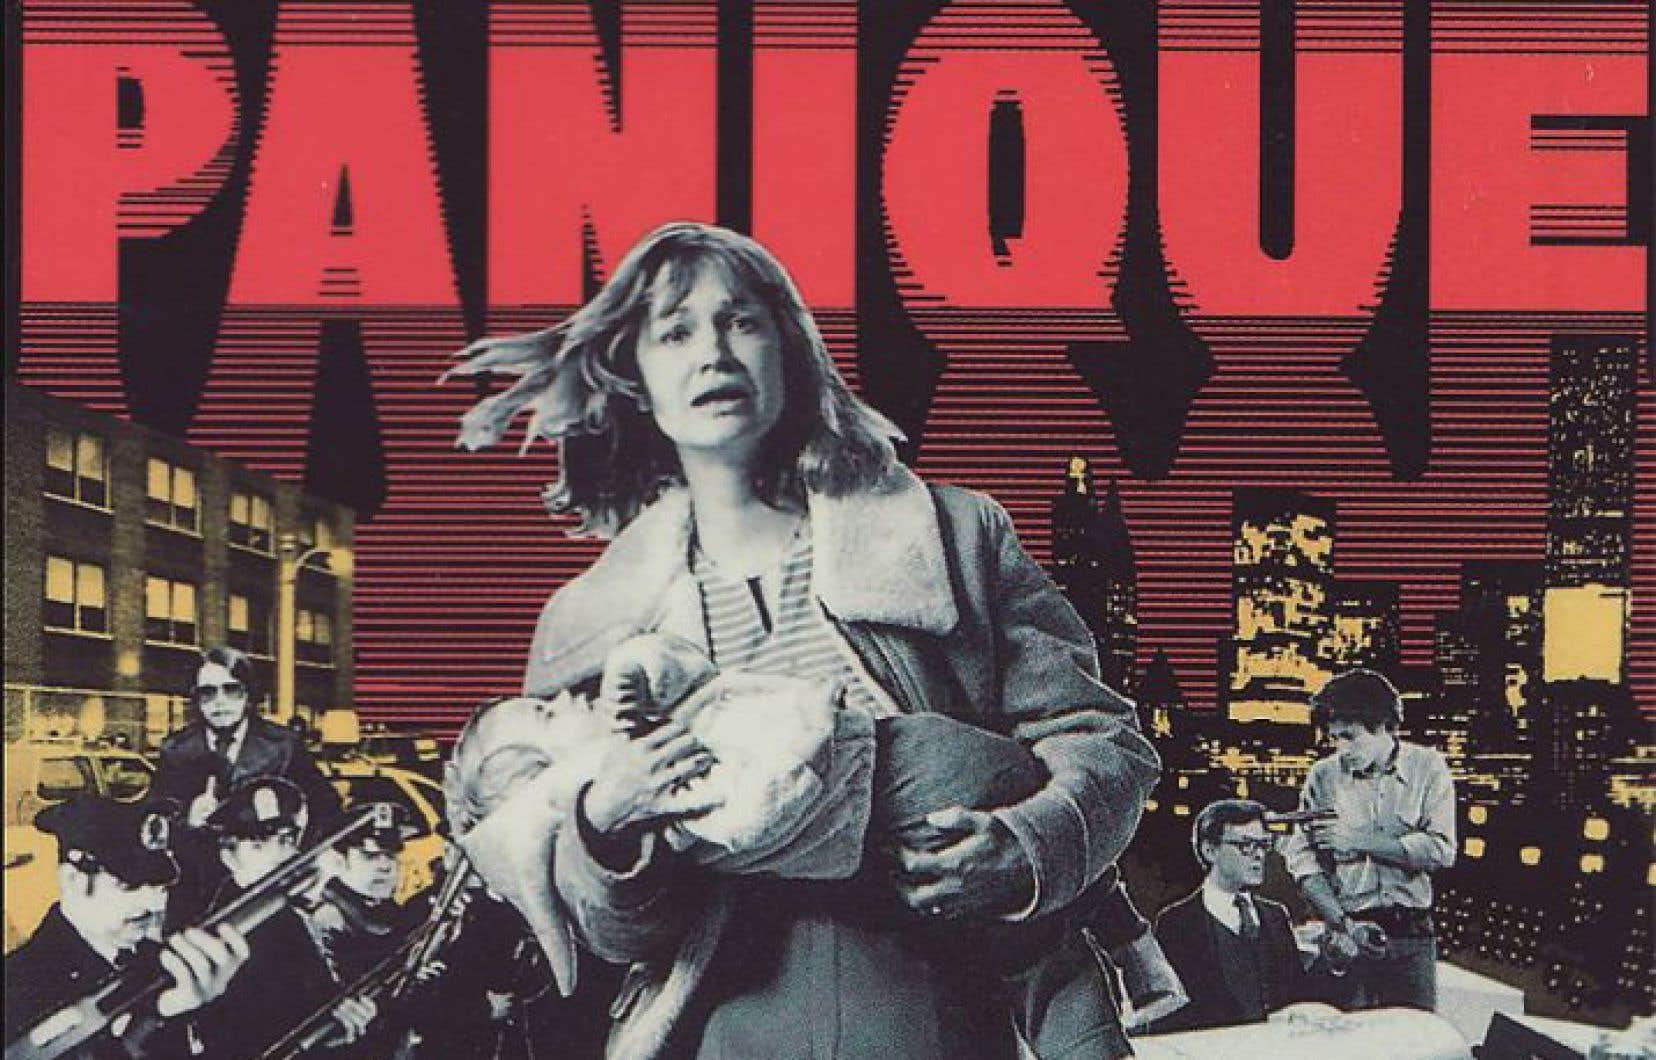 L'affiche du film «Panique», de Jean-Claude Lord, sorti en 1977.